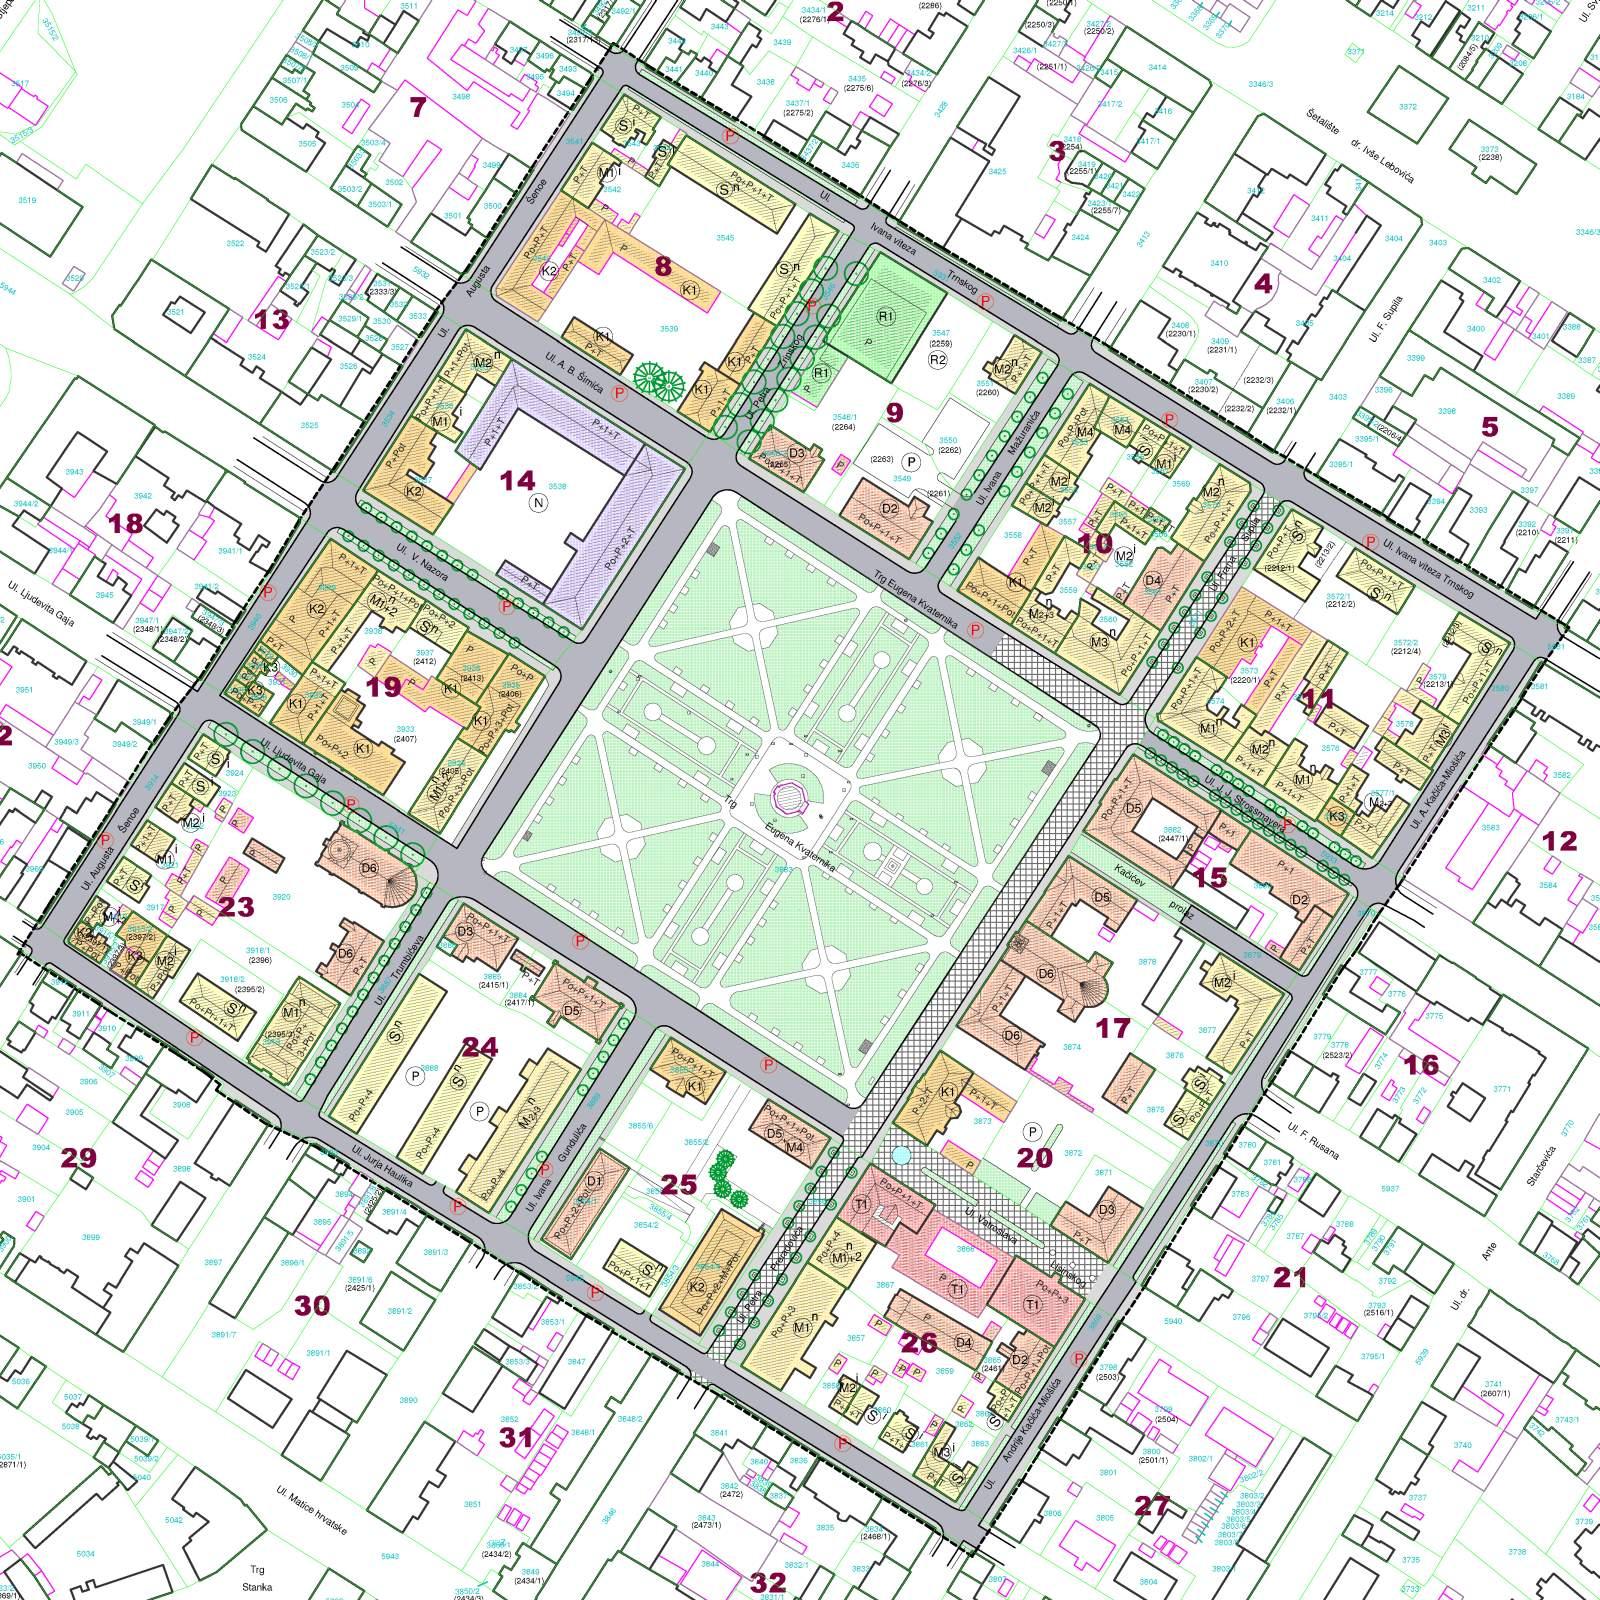 Urbanistički plan uređenja povijesne jezgre Grada Bjelovara - zona A